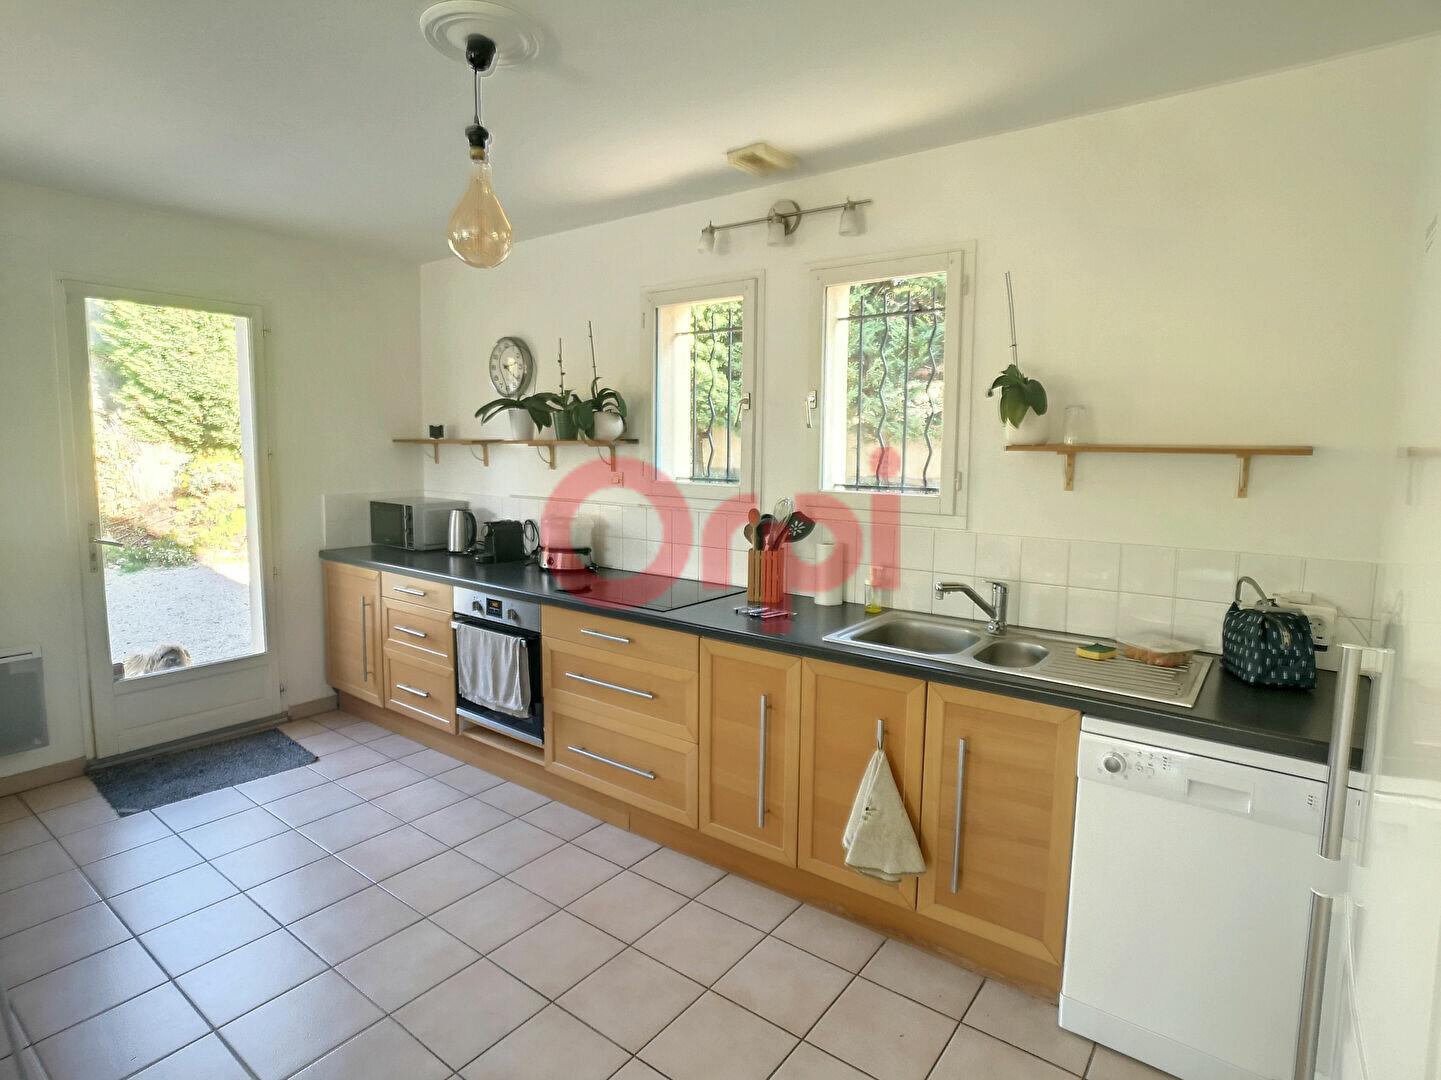 Maison à louer 4 107m2 à Cagnes-sur-Mer vignette-7